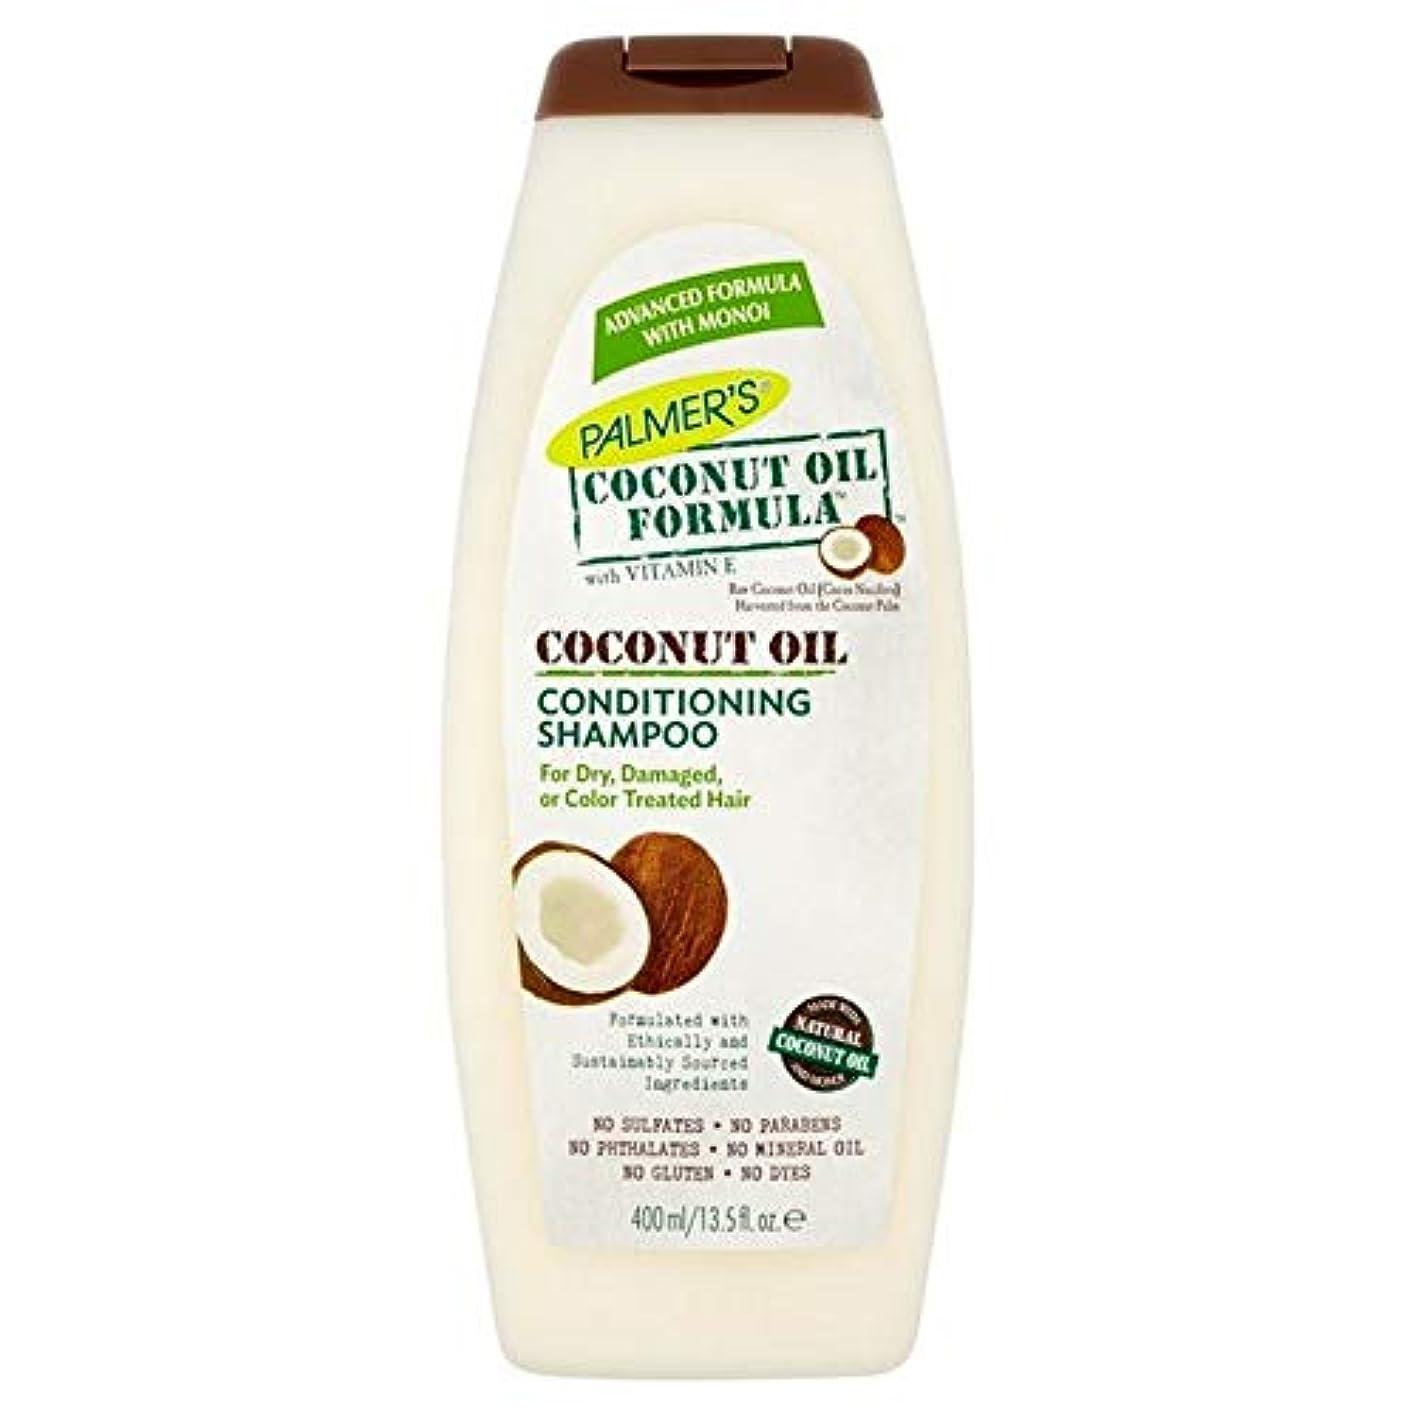 言い聞かせるフォーマル消費する[Palmer's ] パーマーのヤシ油コンディショニングシャンプー400ミリリットル - Palmer's Coconut Oil Conditioning Shampoo 400ml [並行輸入品]